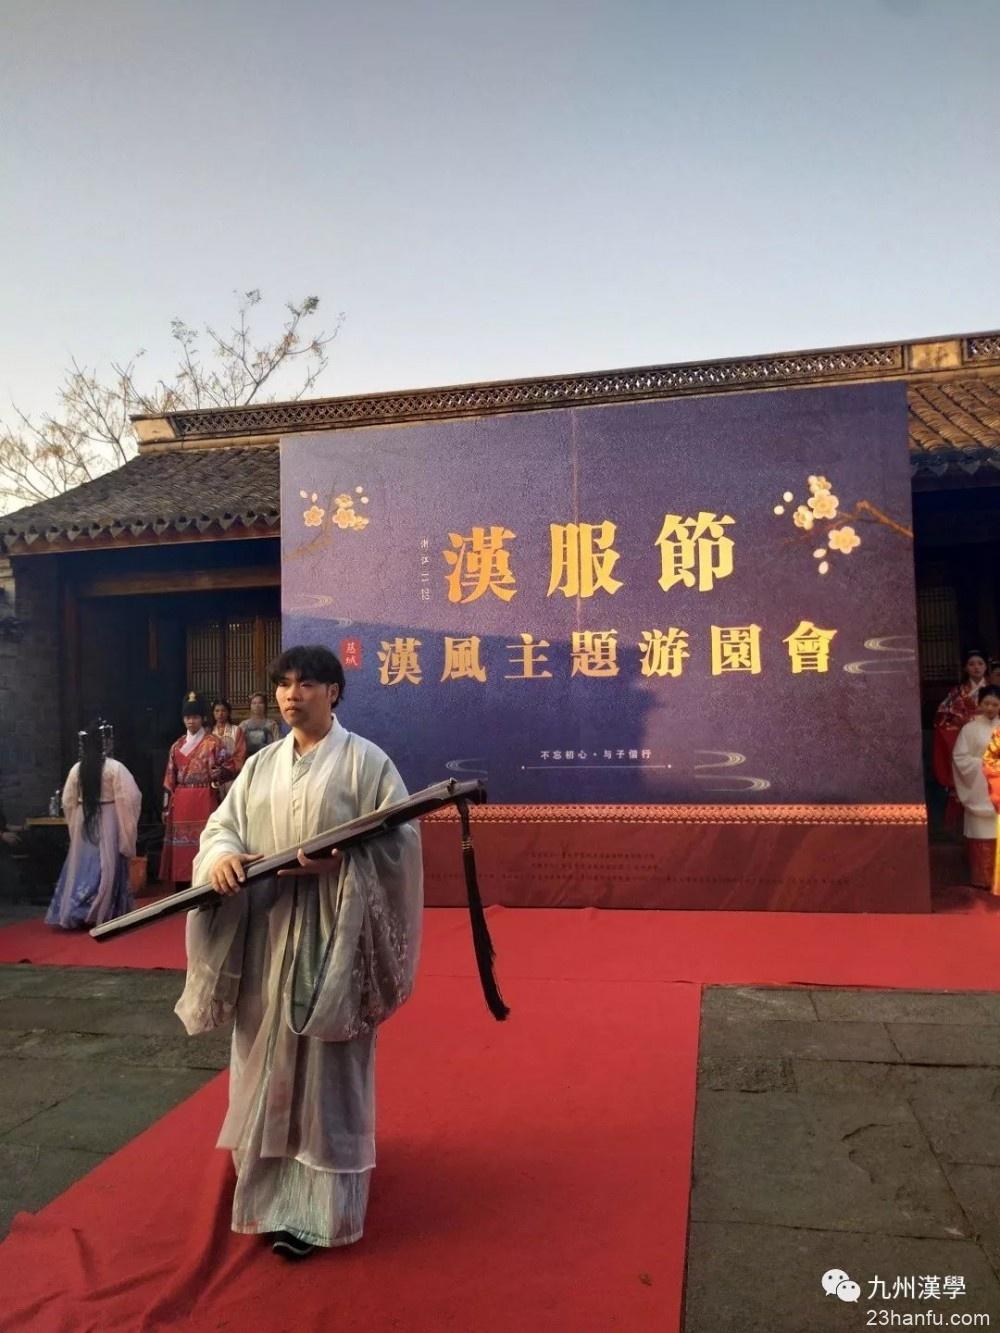 【活动回顾】慈城之约:记浙江11.22汉服节宁波(慈城)分会场活动